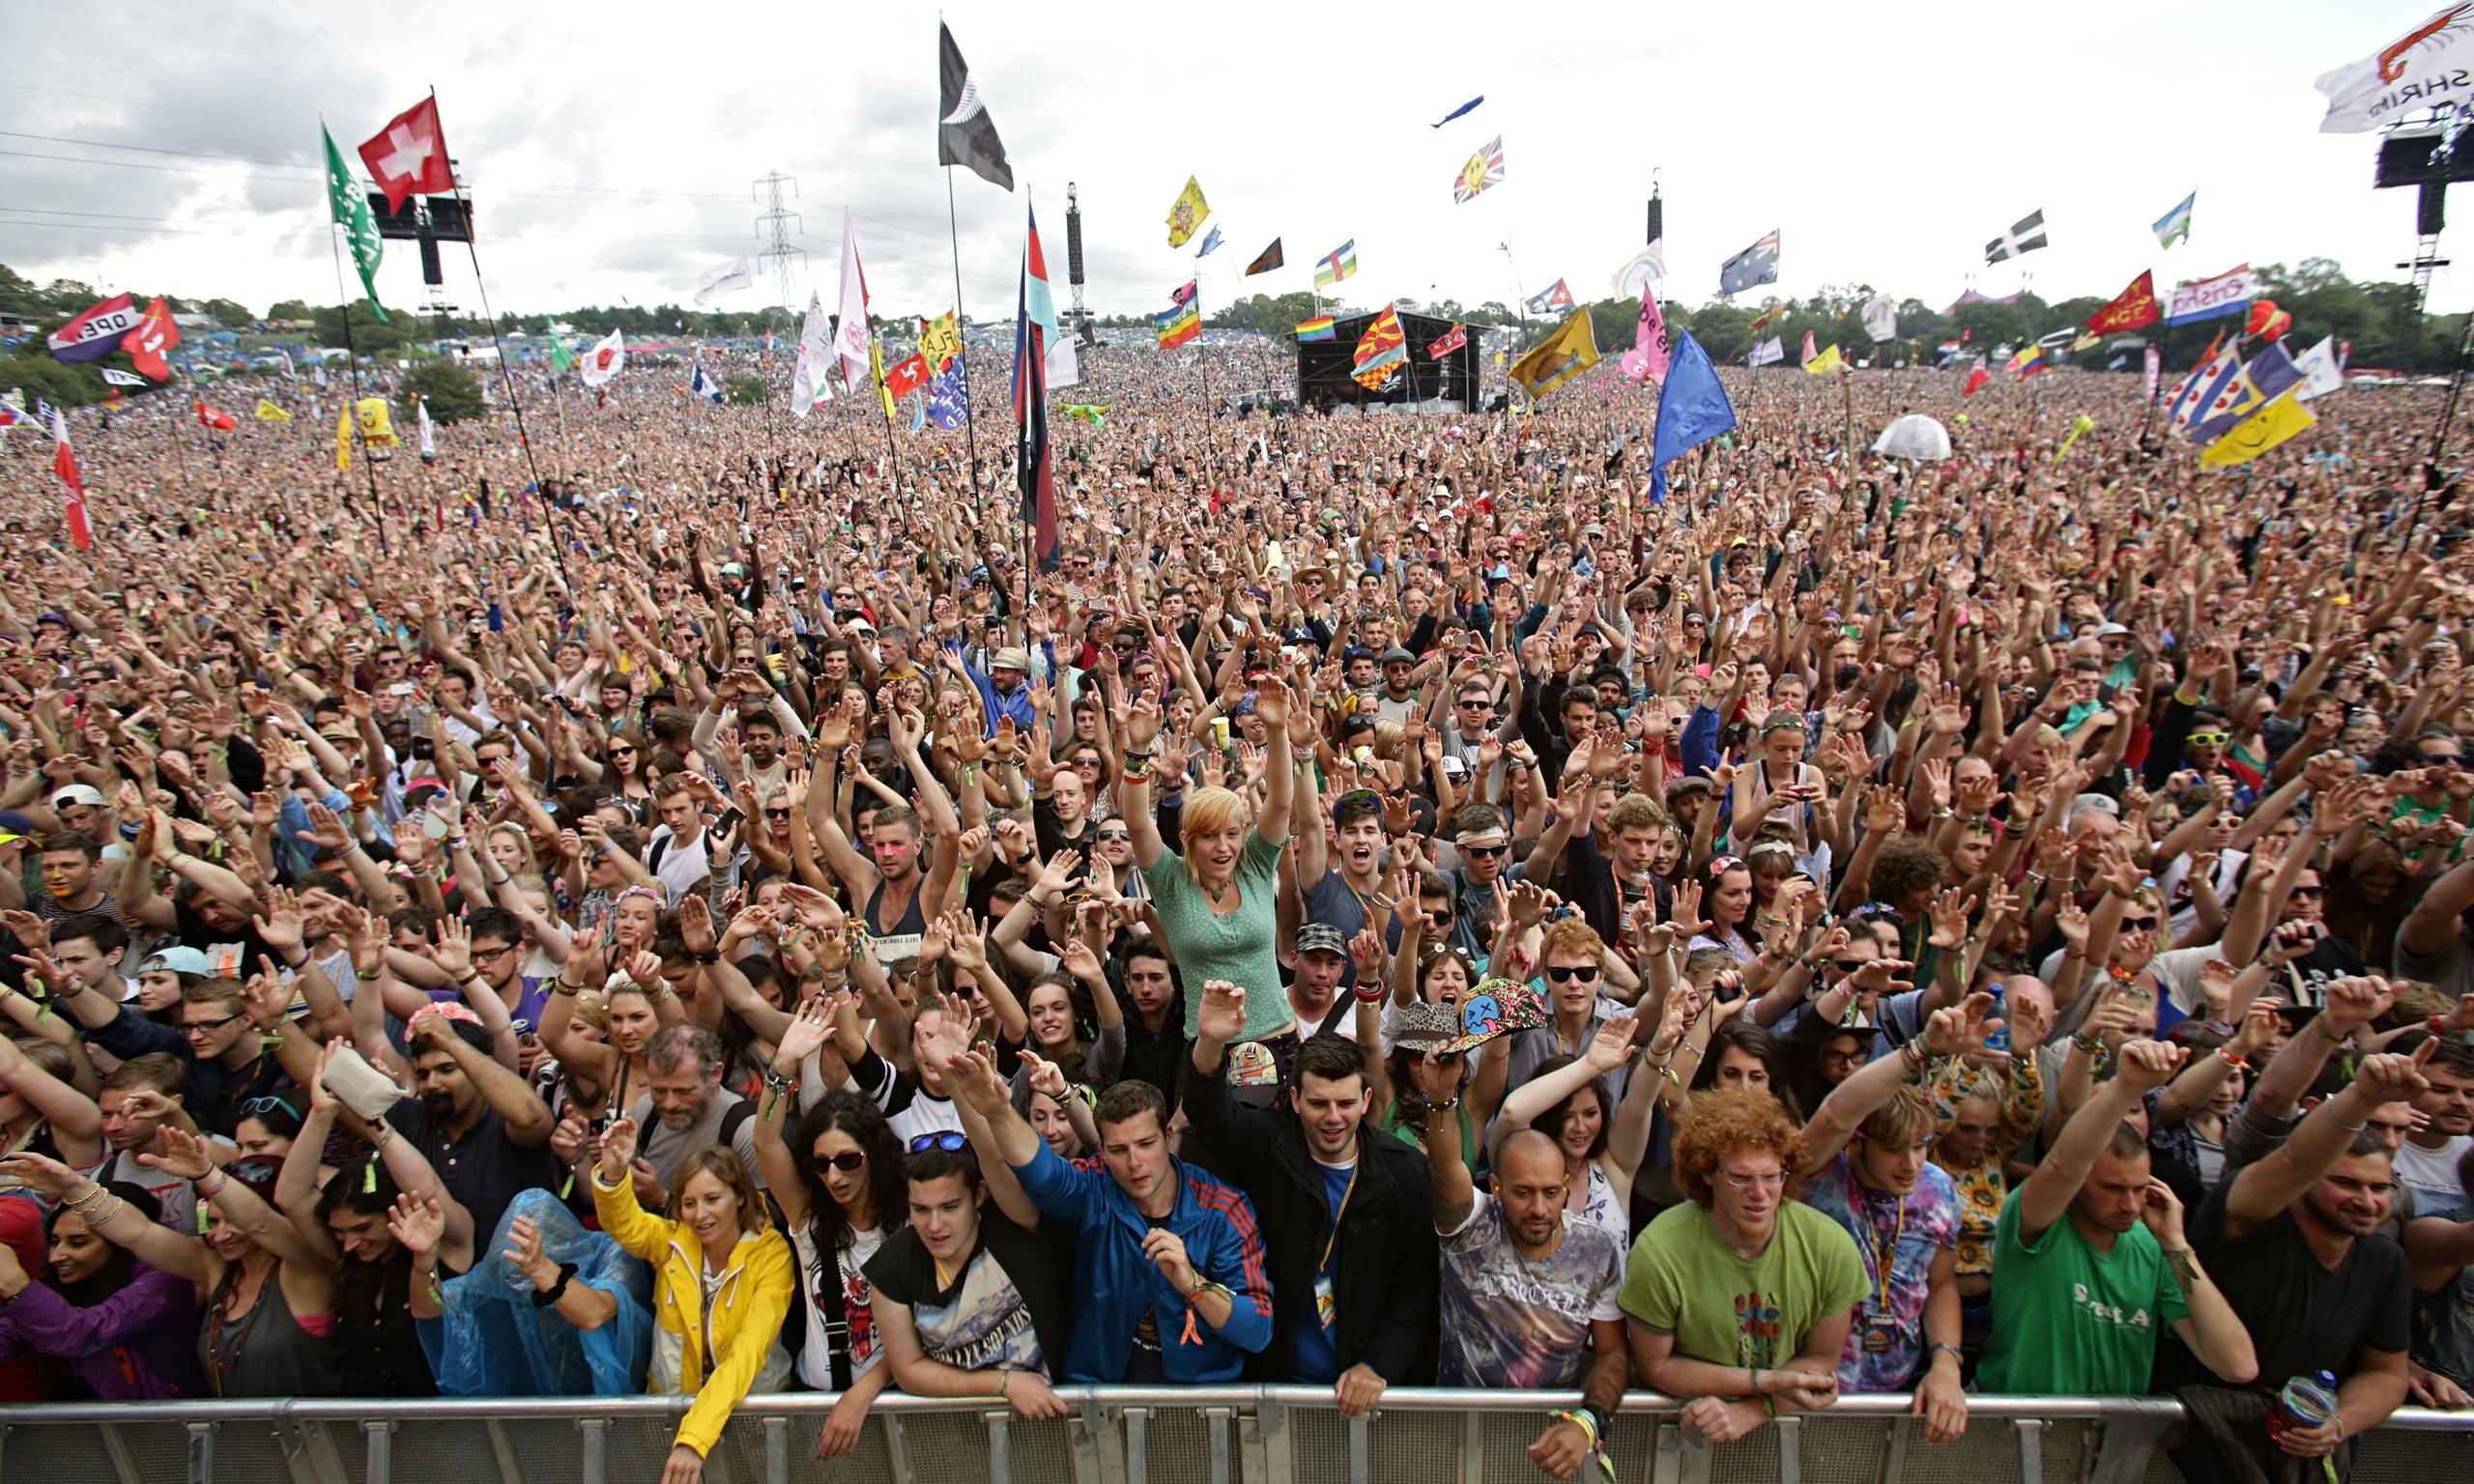 Glastonbury Tents 2015 Glastonbury Festival 2015